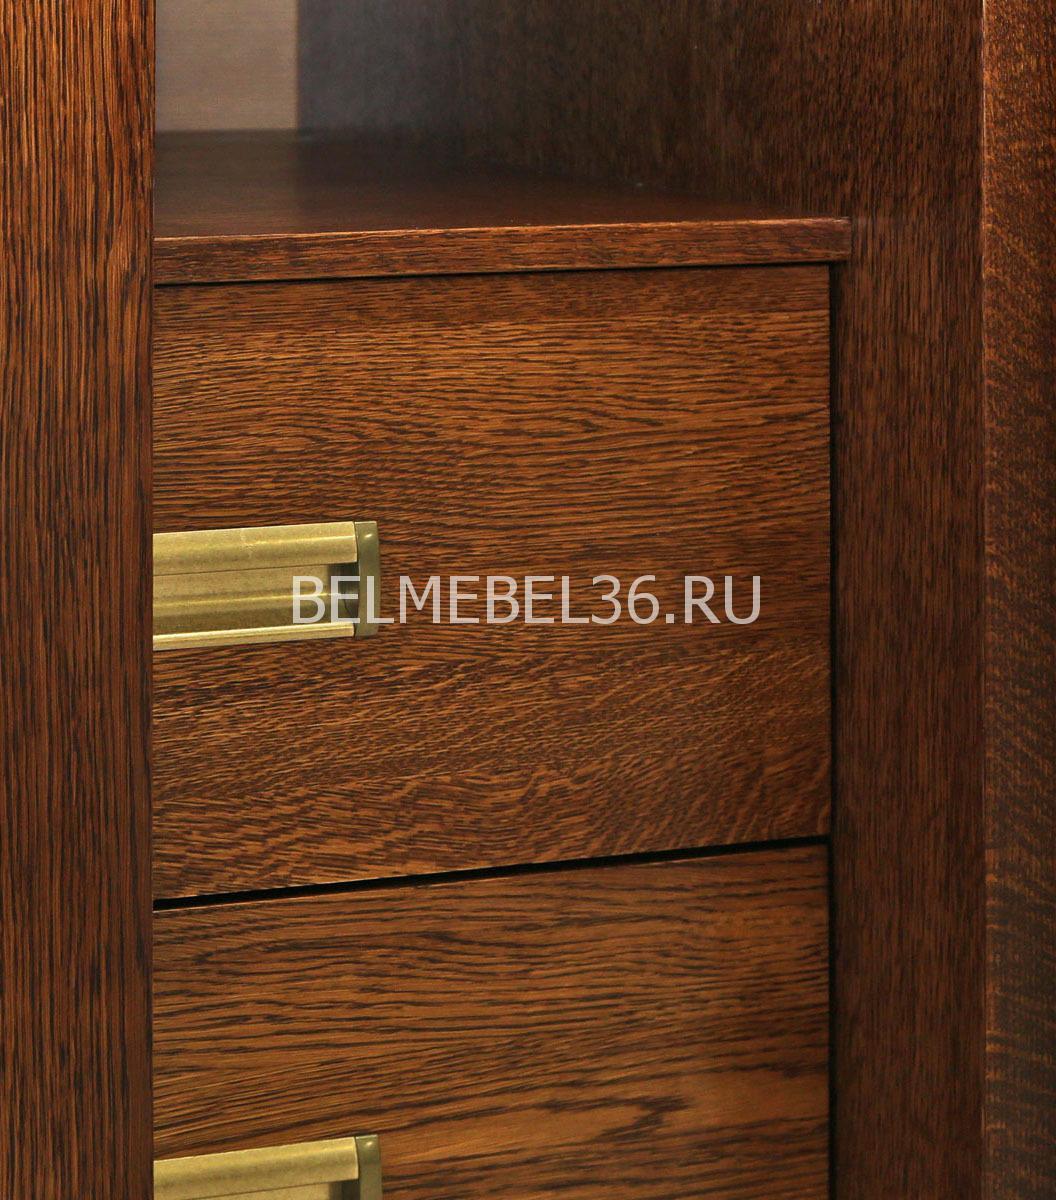 Шкаф-купе Луксор П-475.01(черешня) | Белорусская мебель в Воронеже